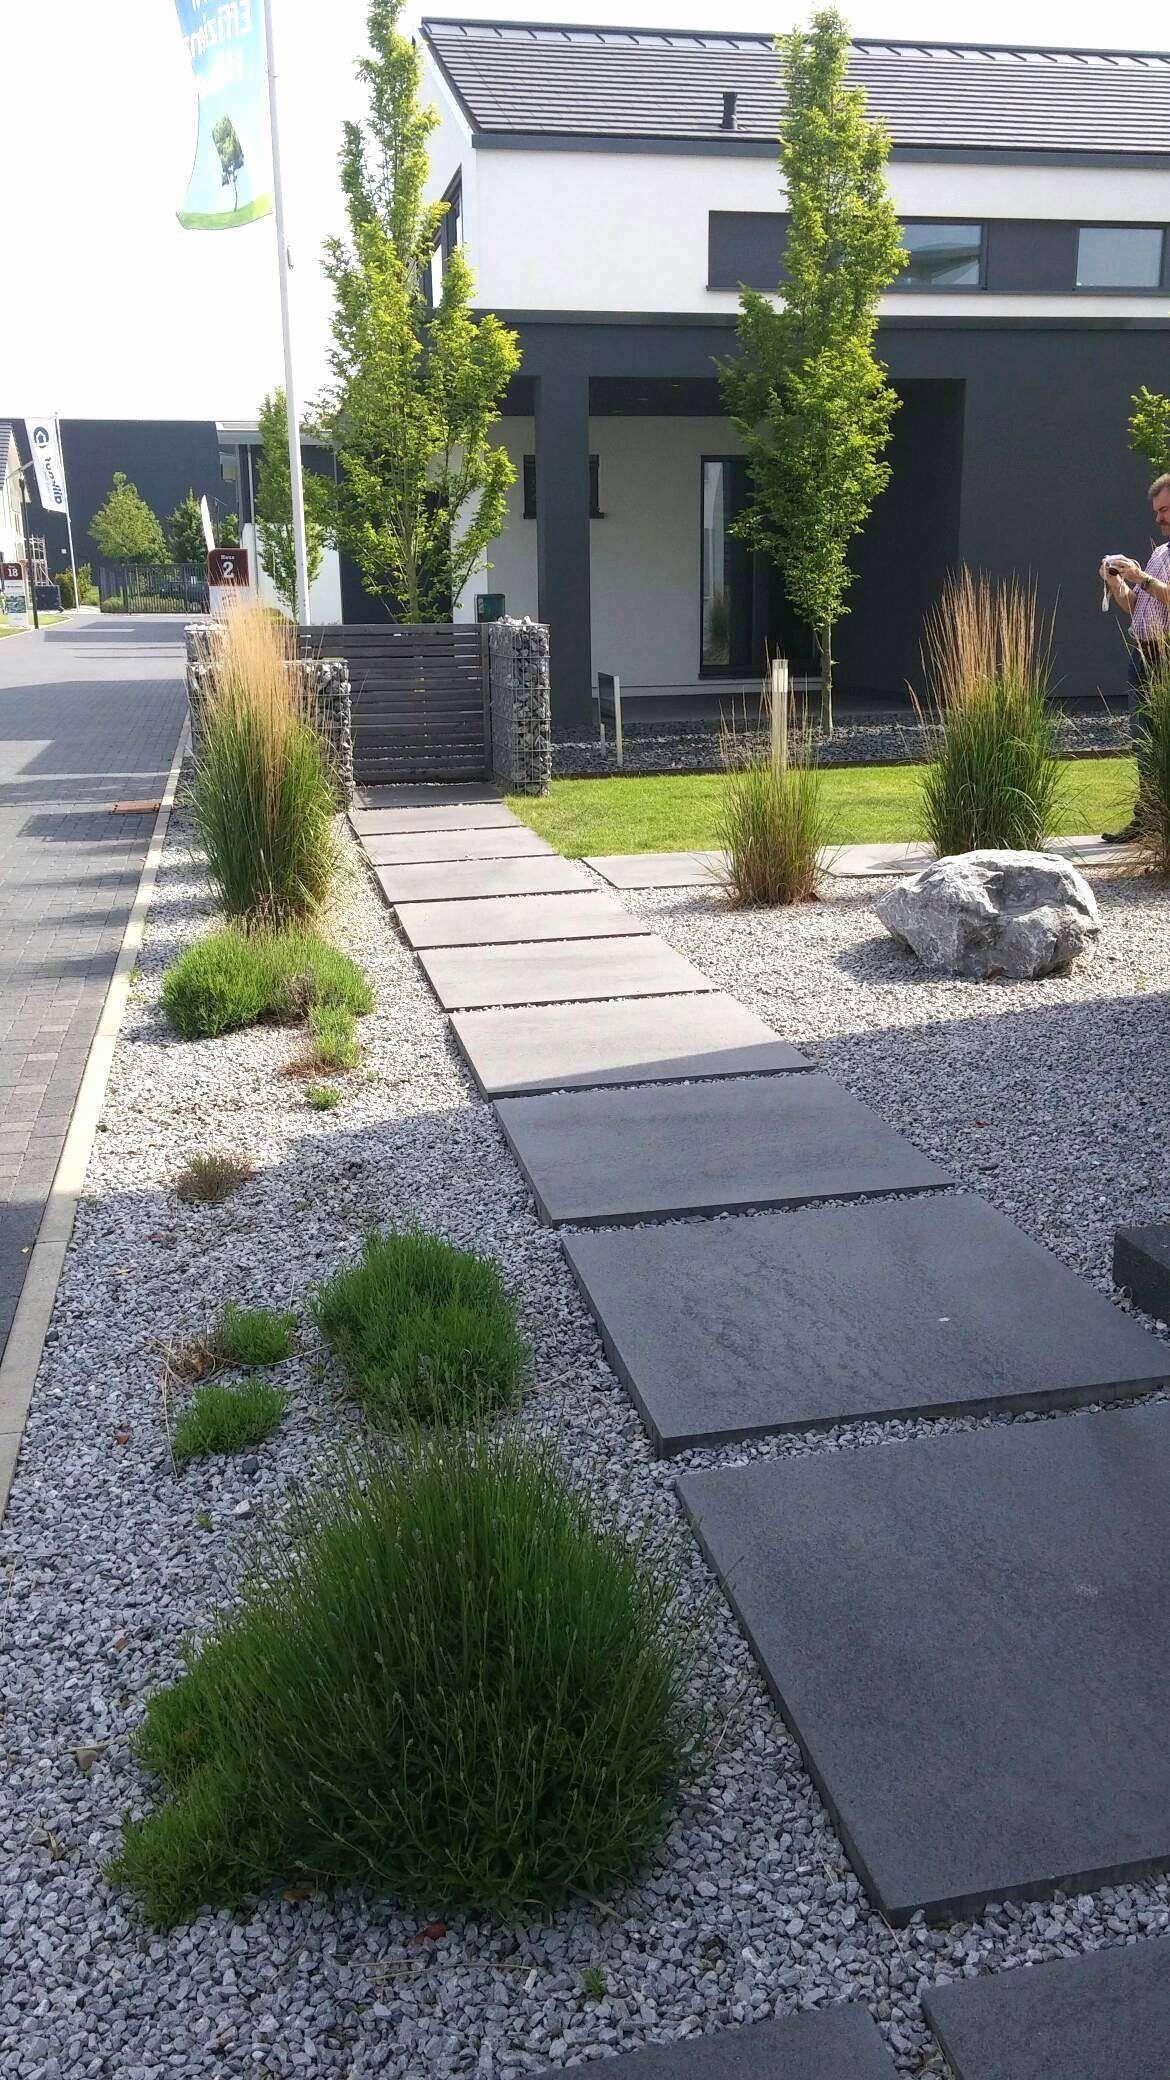 Kleinen Vorgarten Gestalten 25 Inspirierende 6